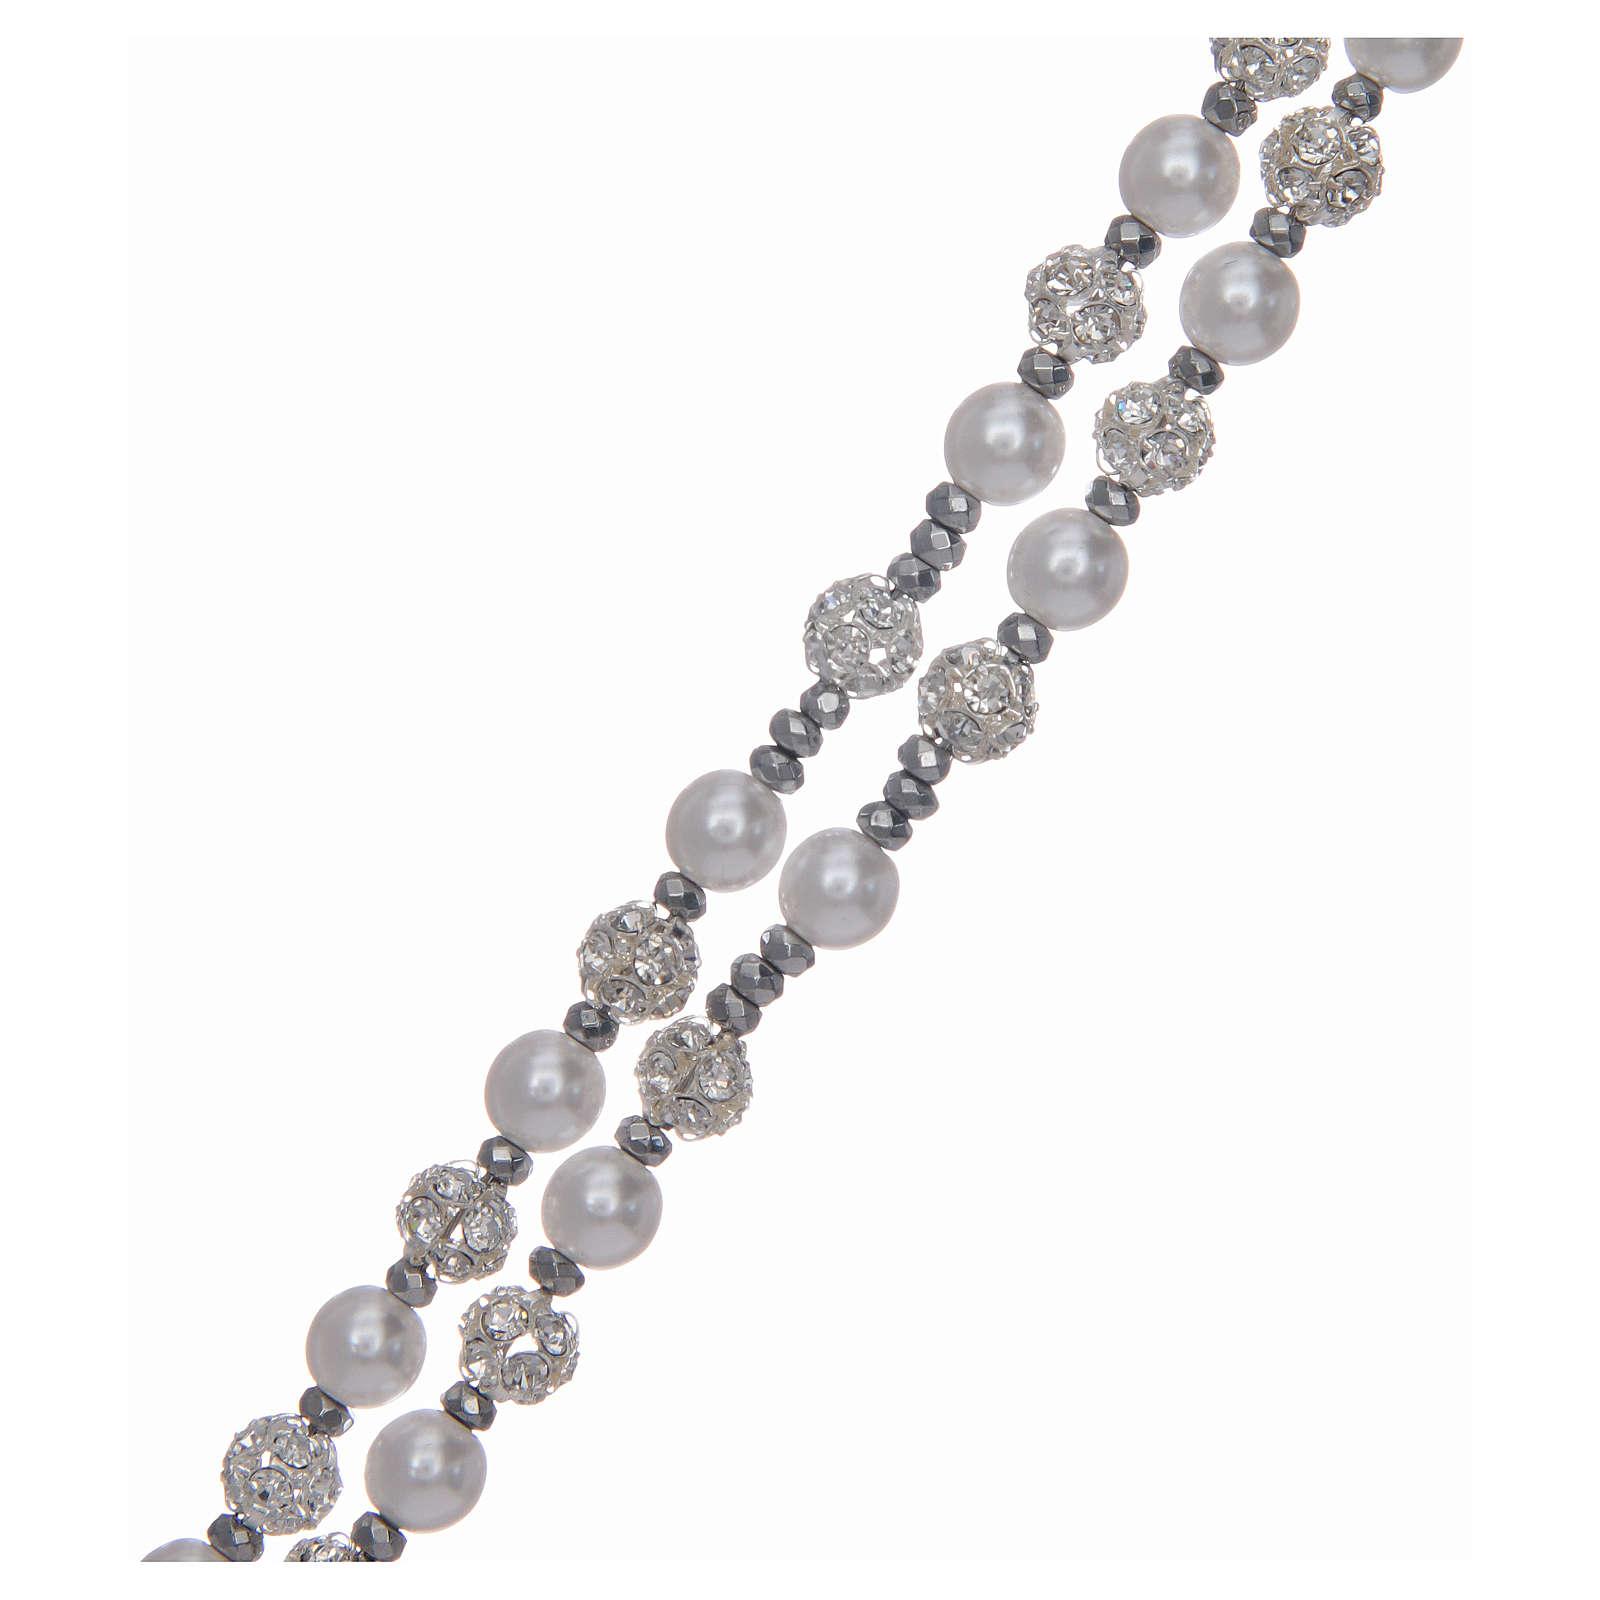 Różaniec srebro 925 perły i kryształ 6 mm 4